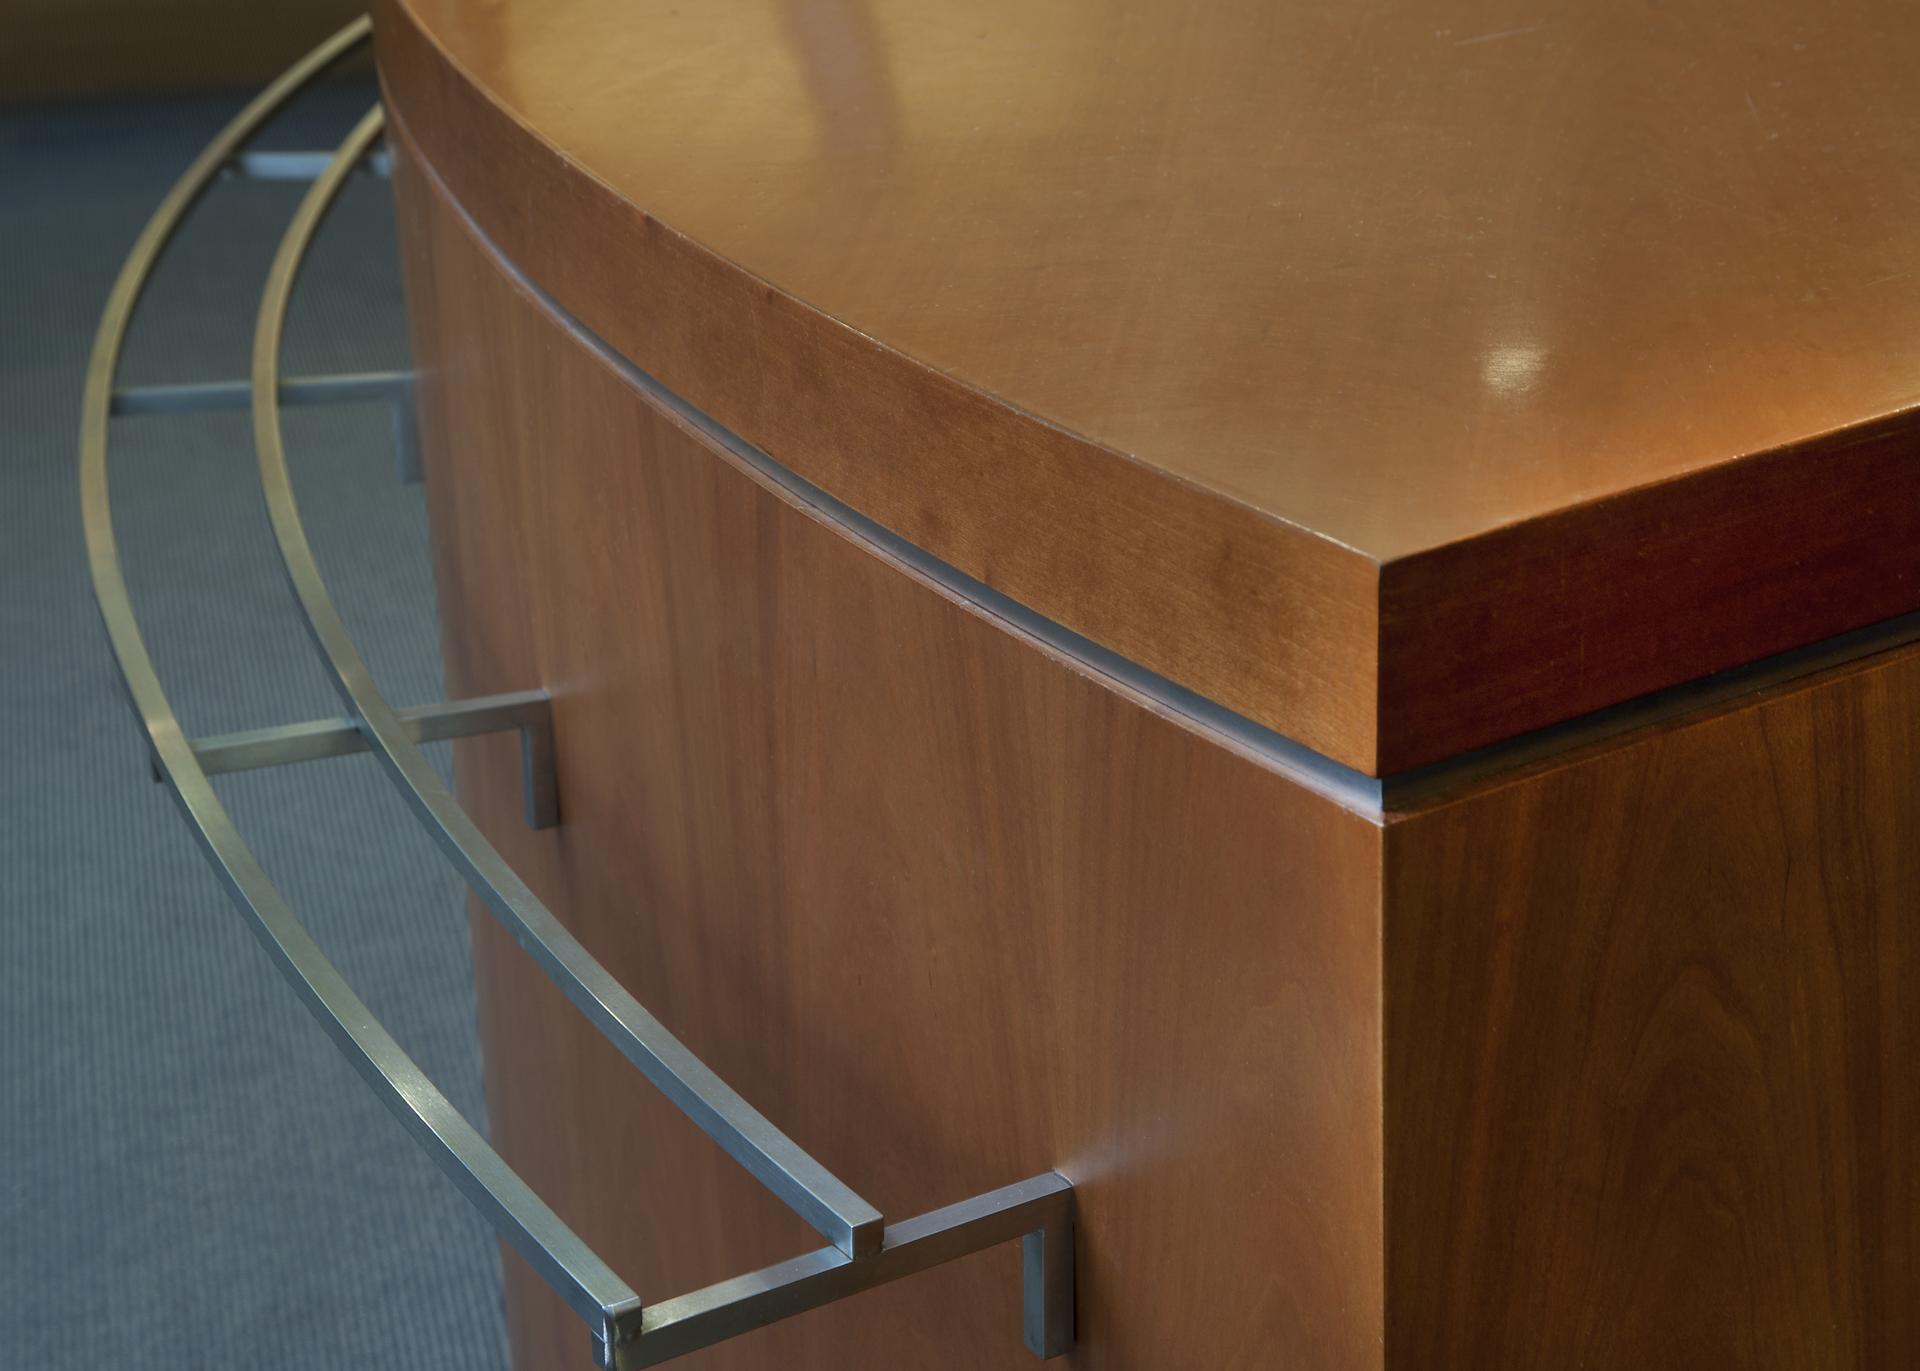 tischlerei-decker-herkert-shop-detail